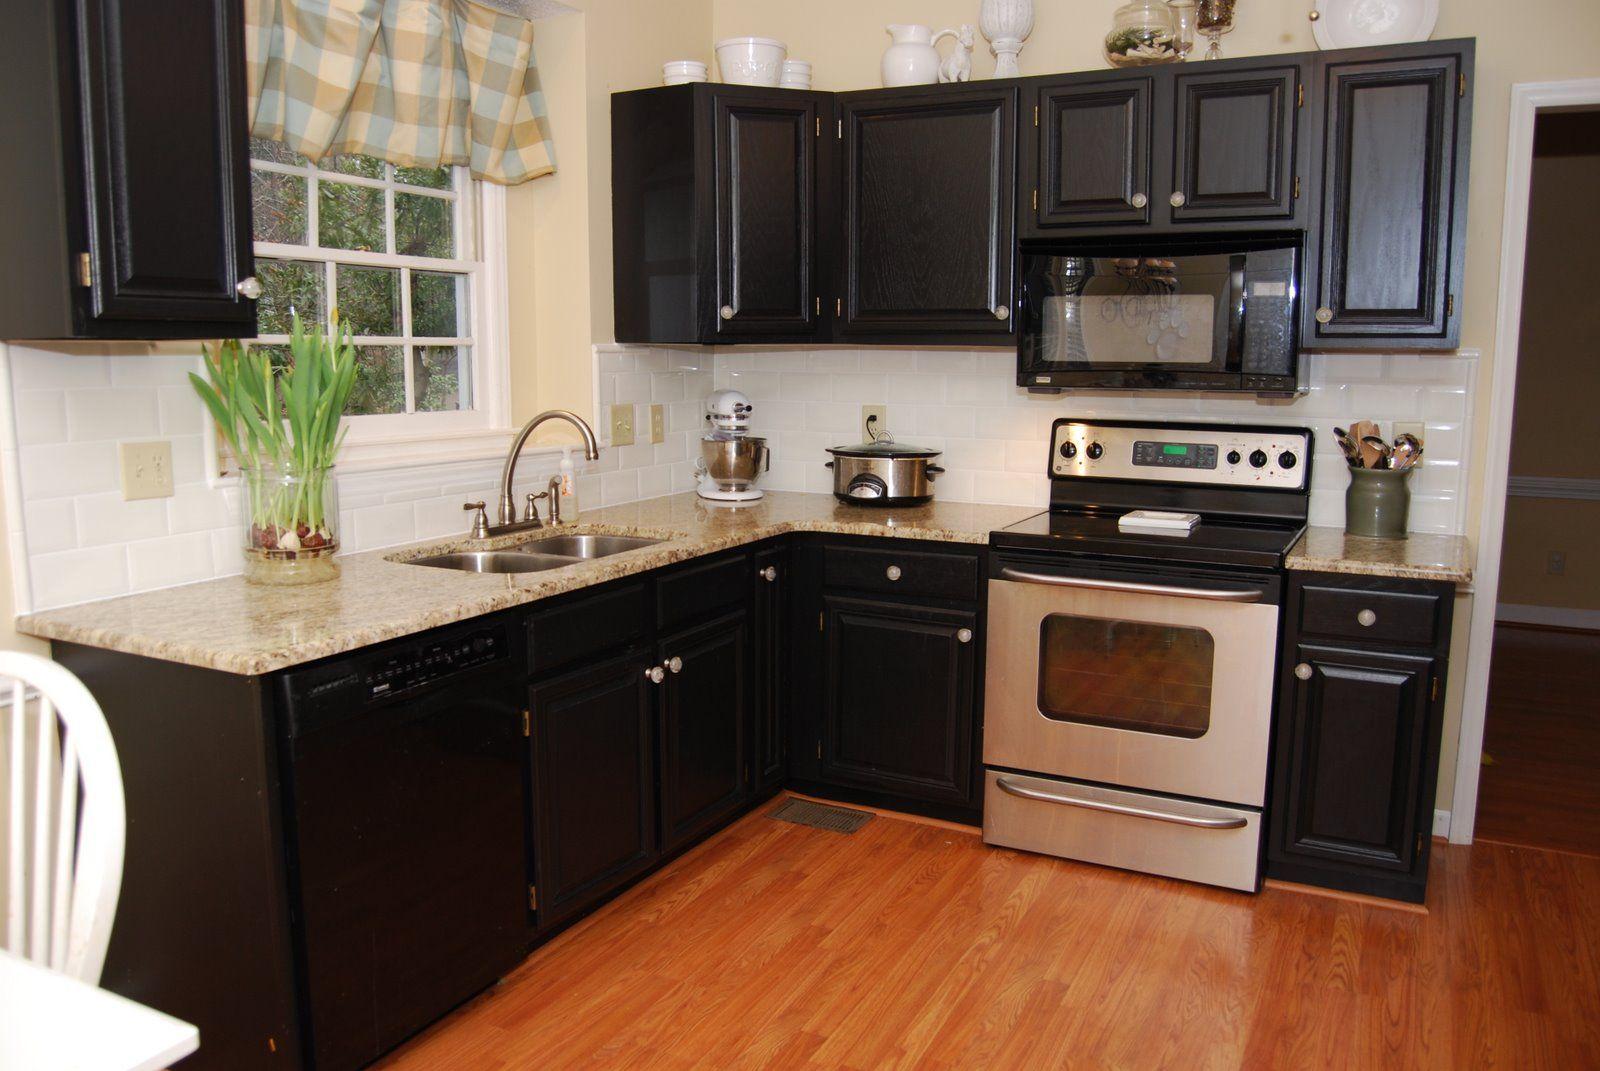 Espresso Color Kitchen Cabinets Jpg 1600 1071 Small Kitchen Cabinets Kitchen Design Black Kitchen Cabinets